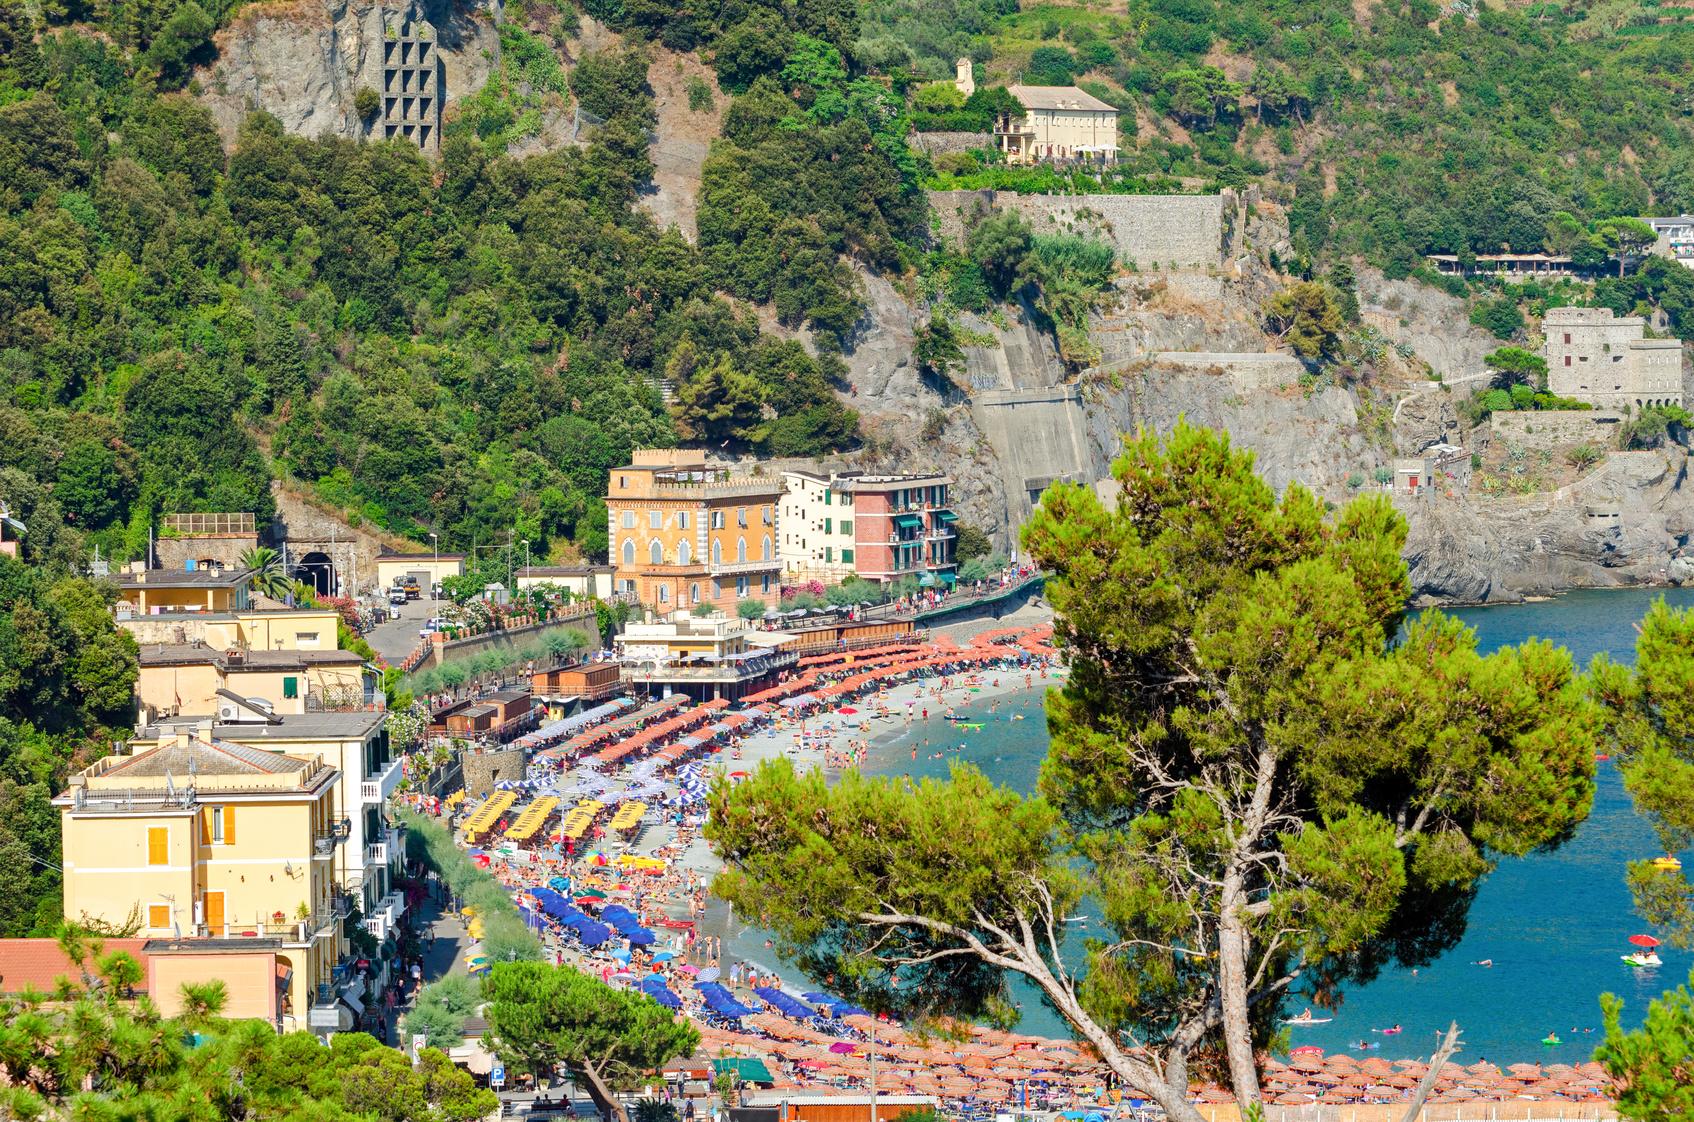 A világ legszebb tengerpartjai - Monterosso Al Mare, Olaszország